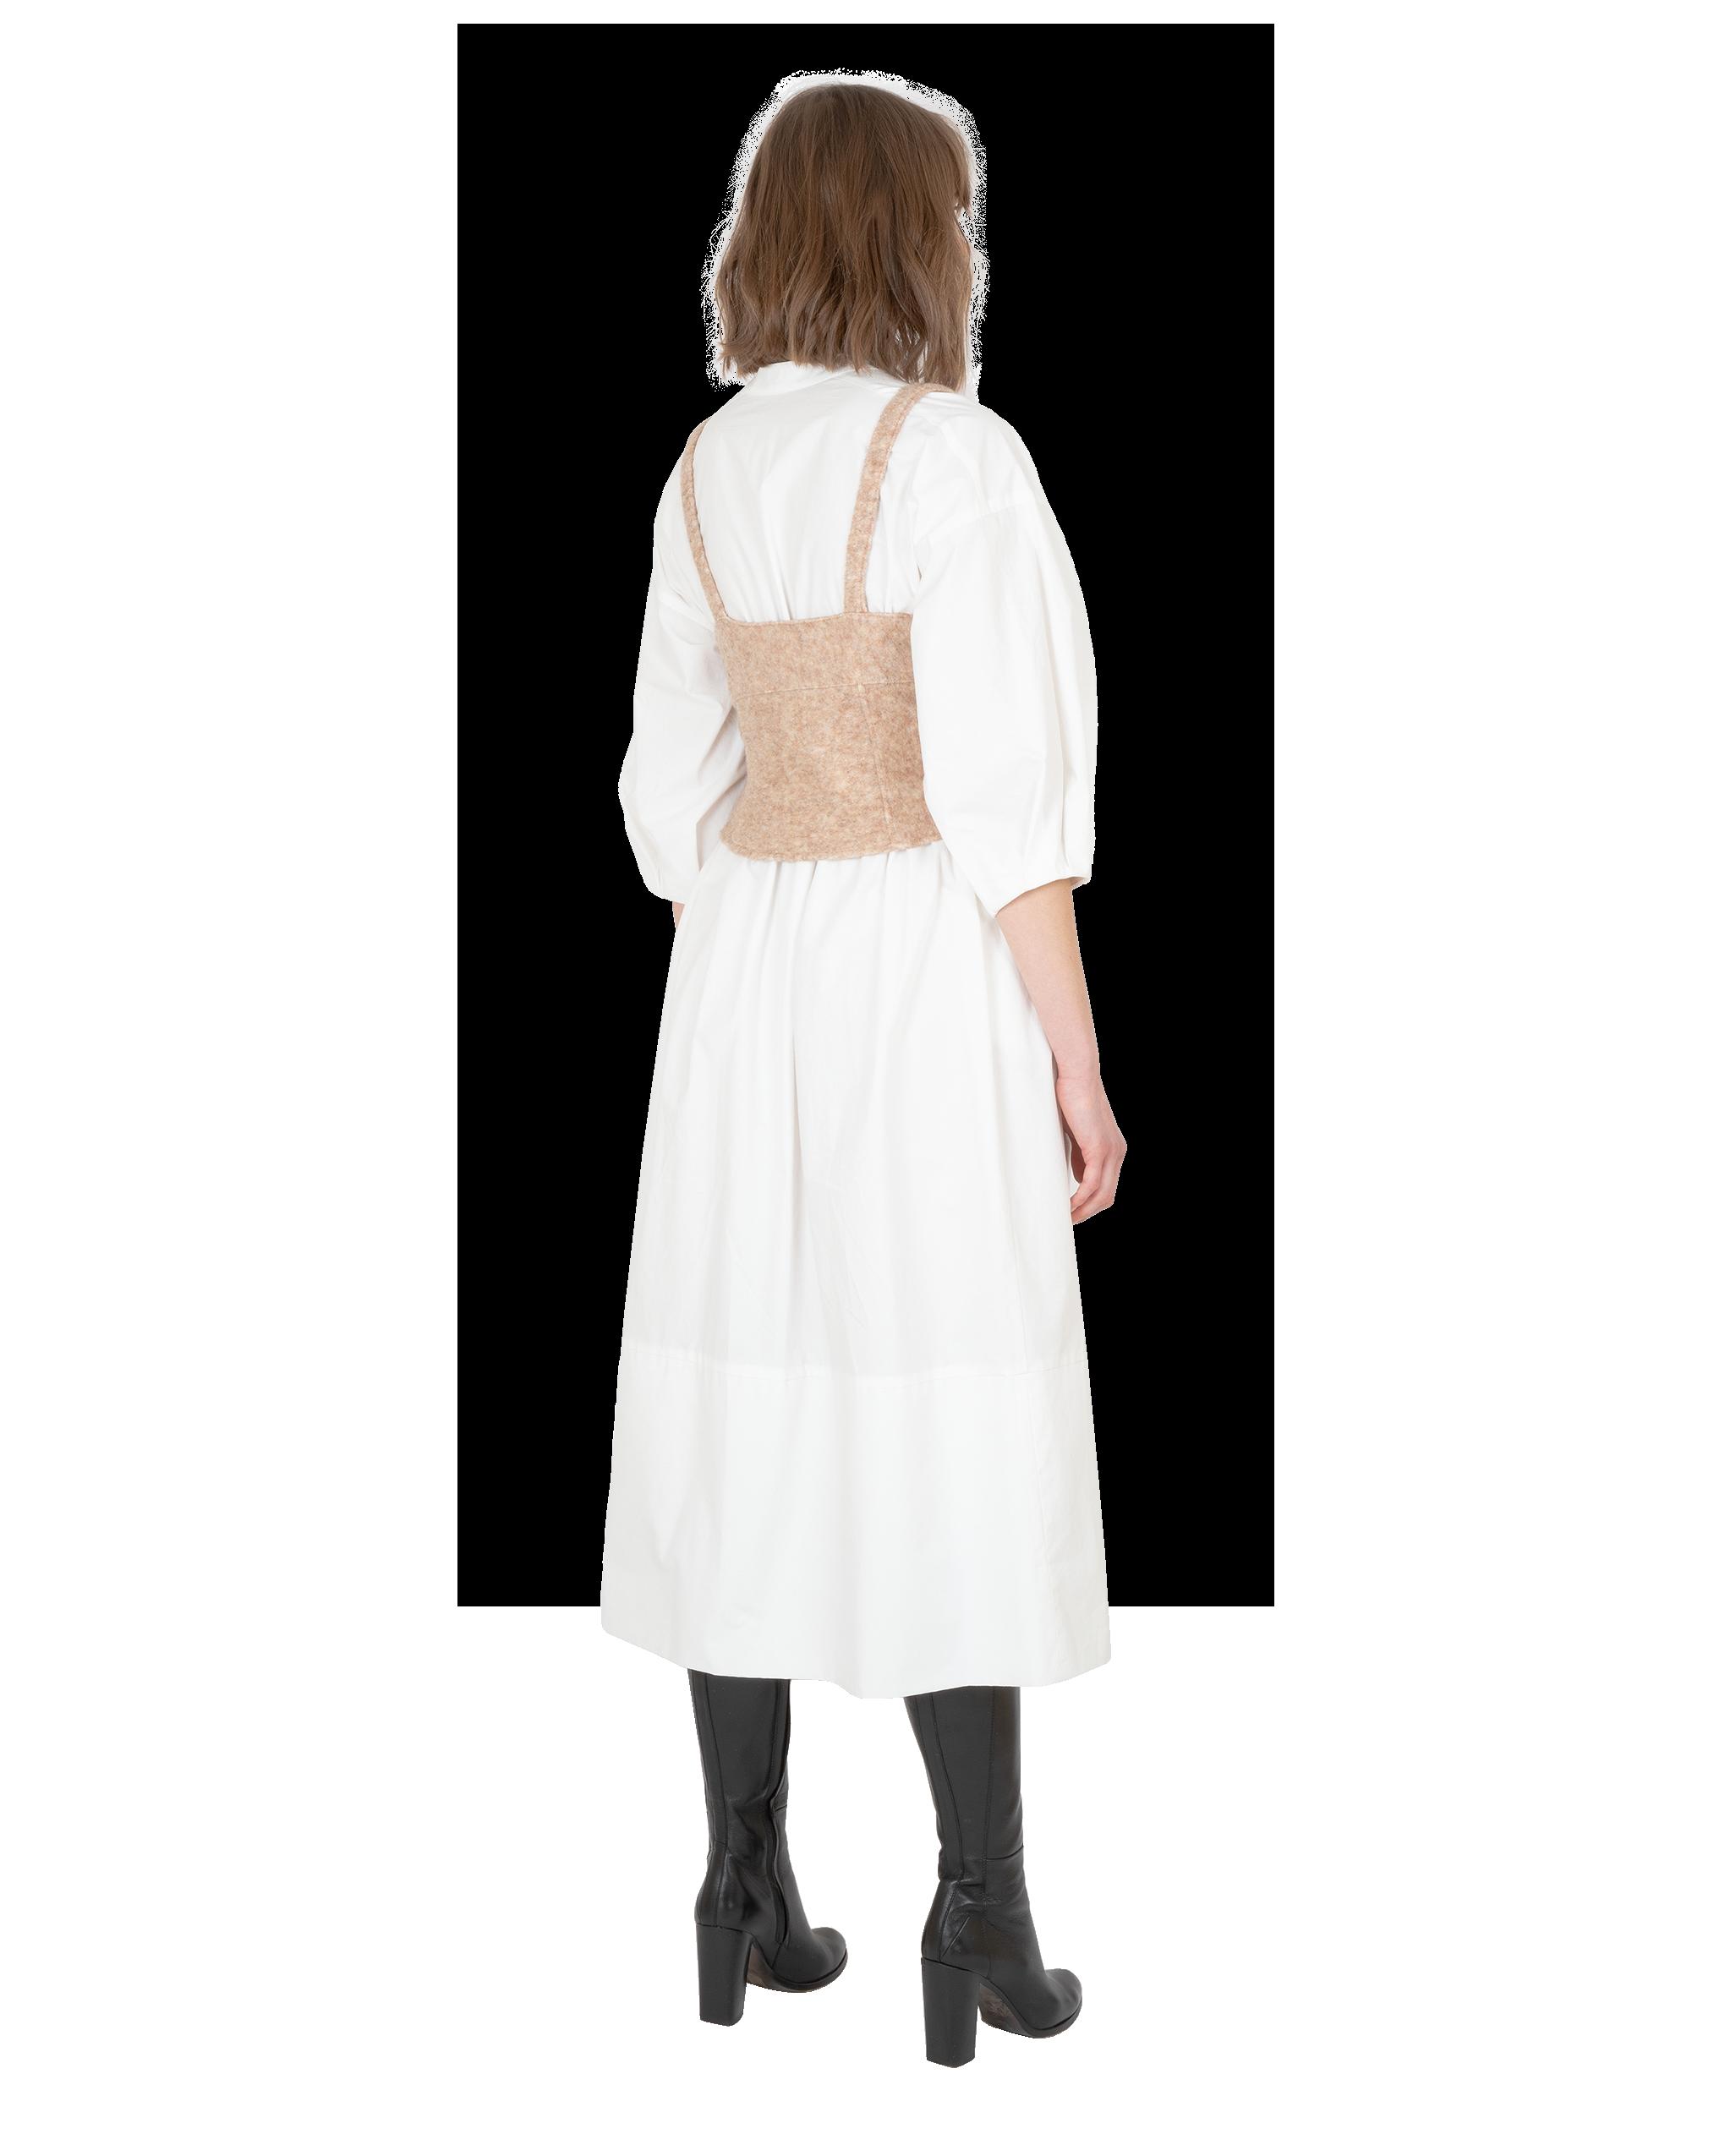 Model wearing EMIN + PAUL beige felted wool corset top.